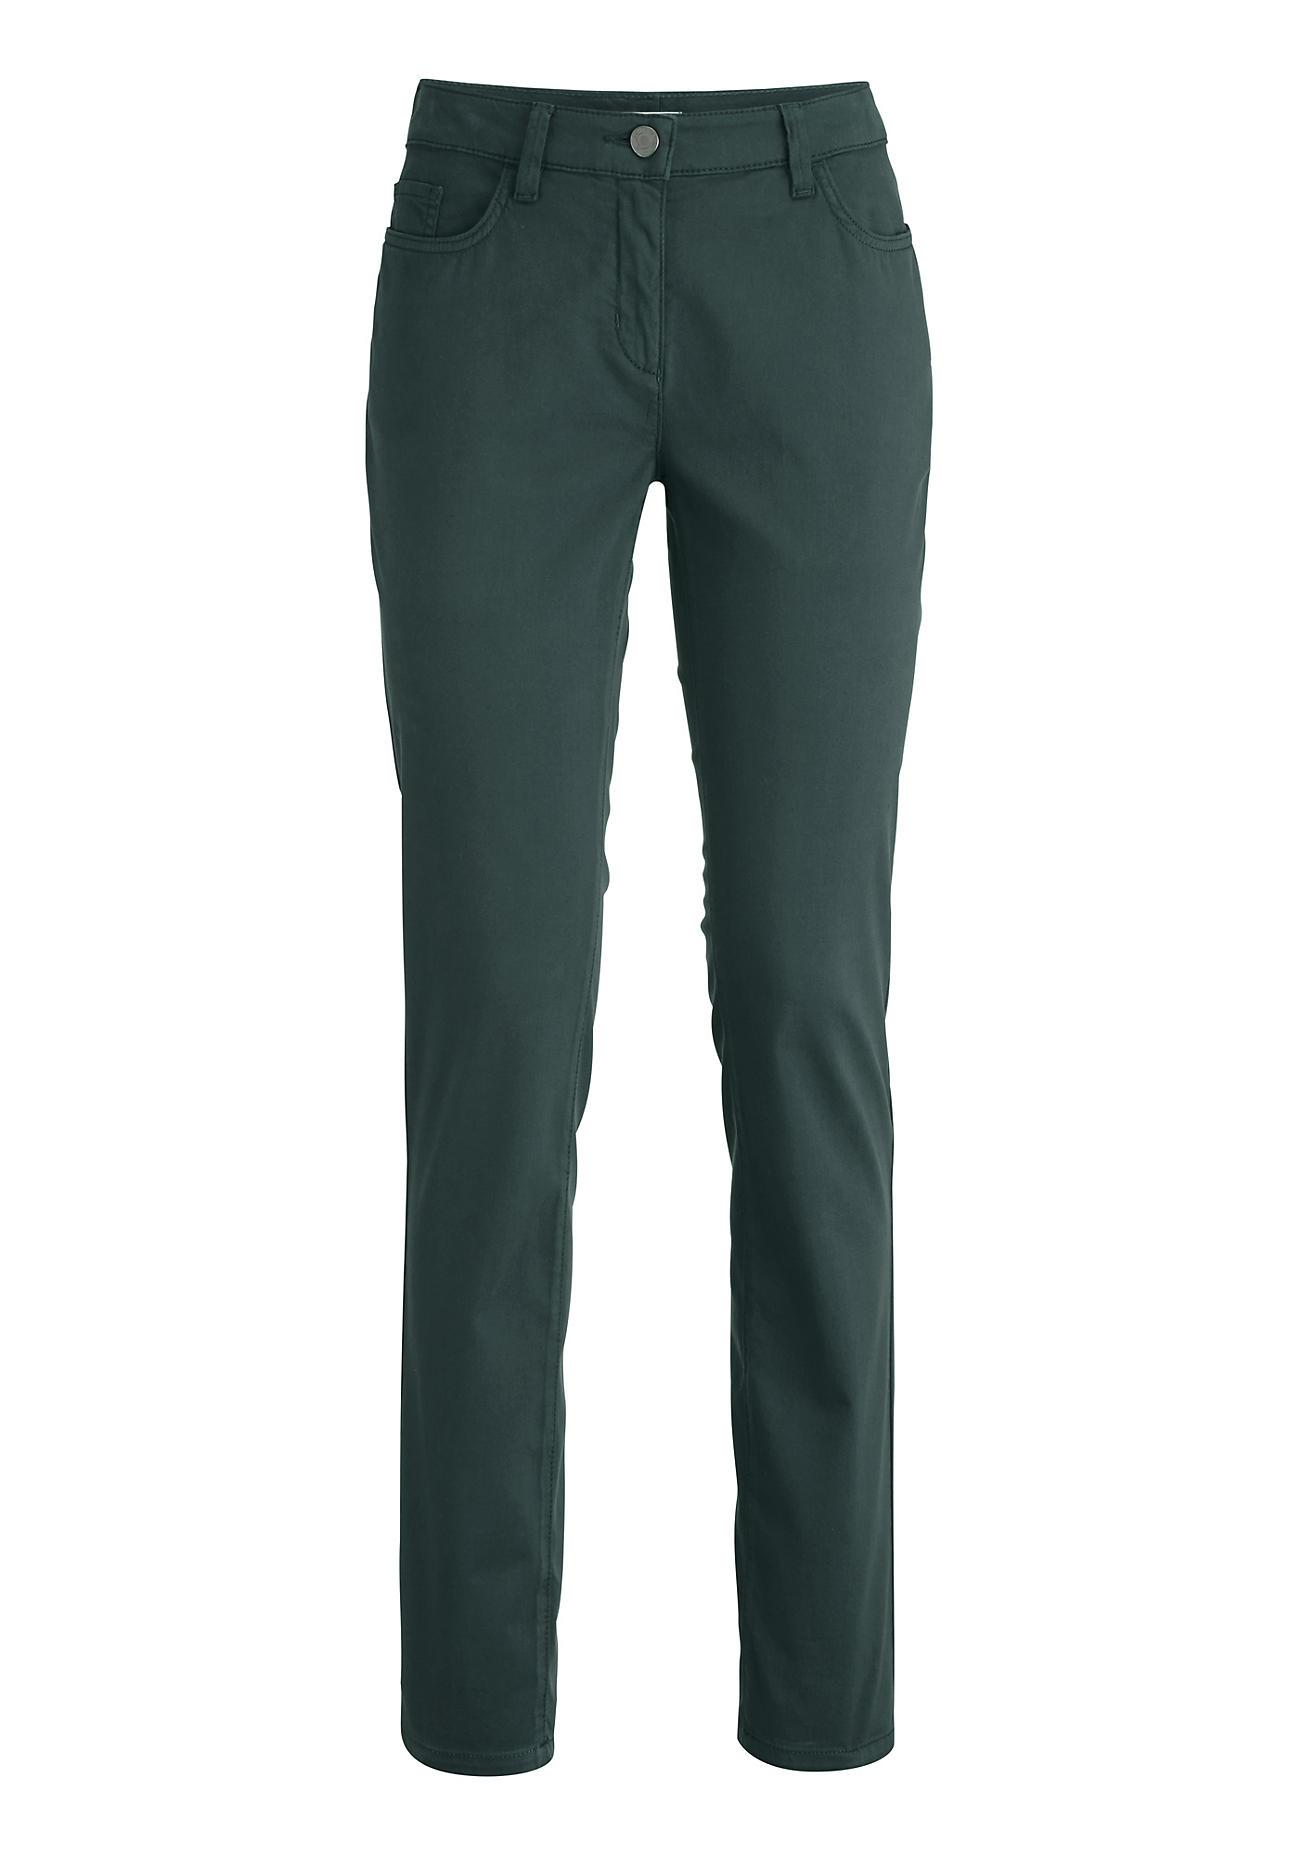 Hosen - hessnatur Damen Hose Slim Fit aus Bio Baumwolle – grün –  - Onlineshop Hessnatur